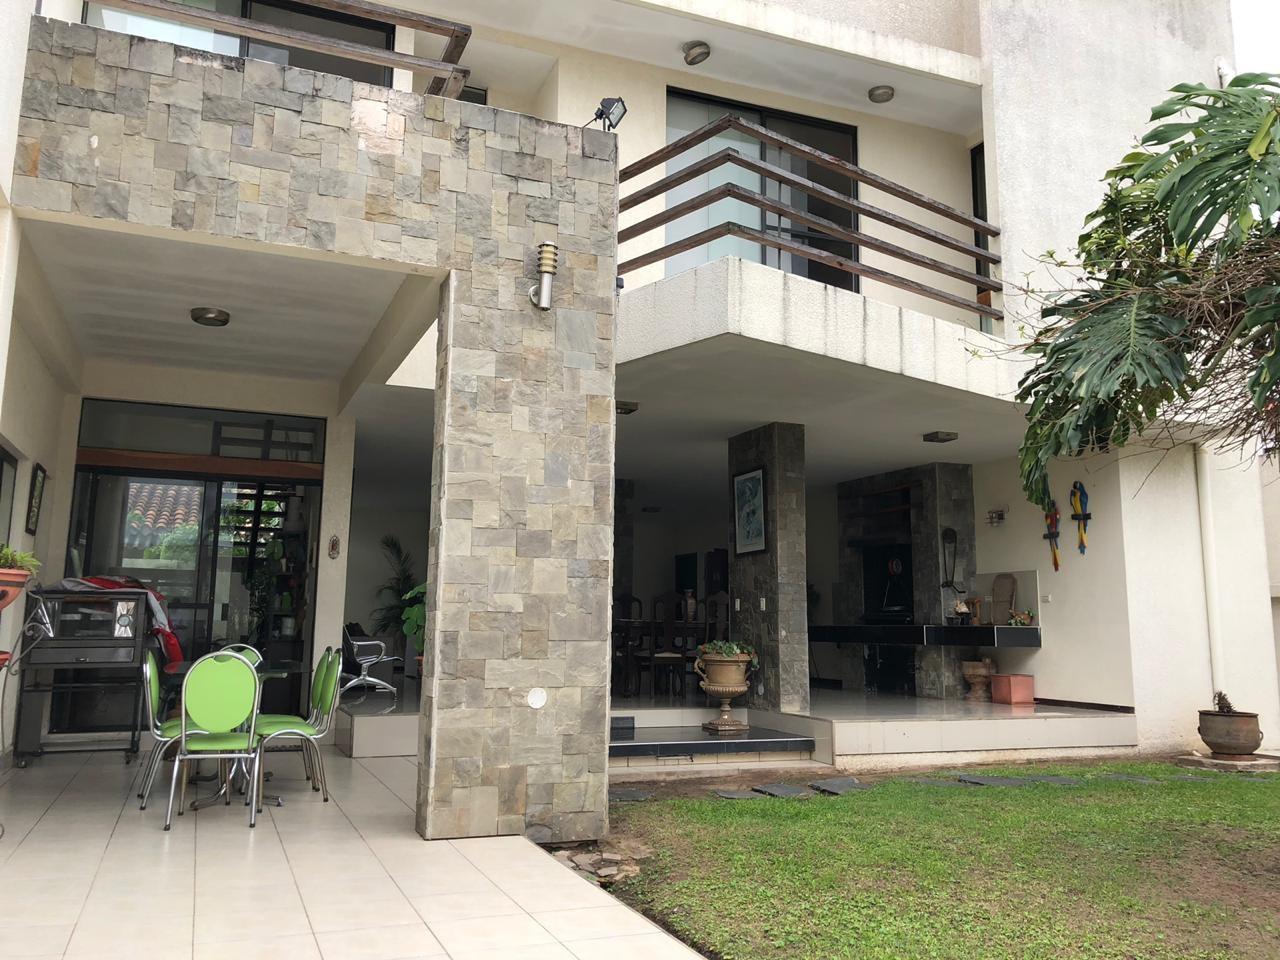 Casa en Venta Barrio Urbary Calle DECHIA entre 2do y 3er Anillo  Foto 8